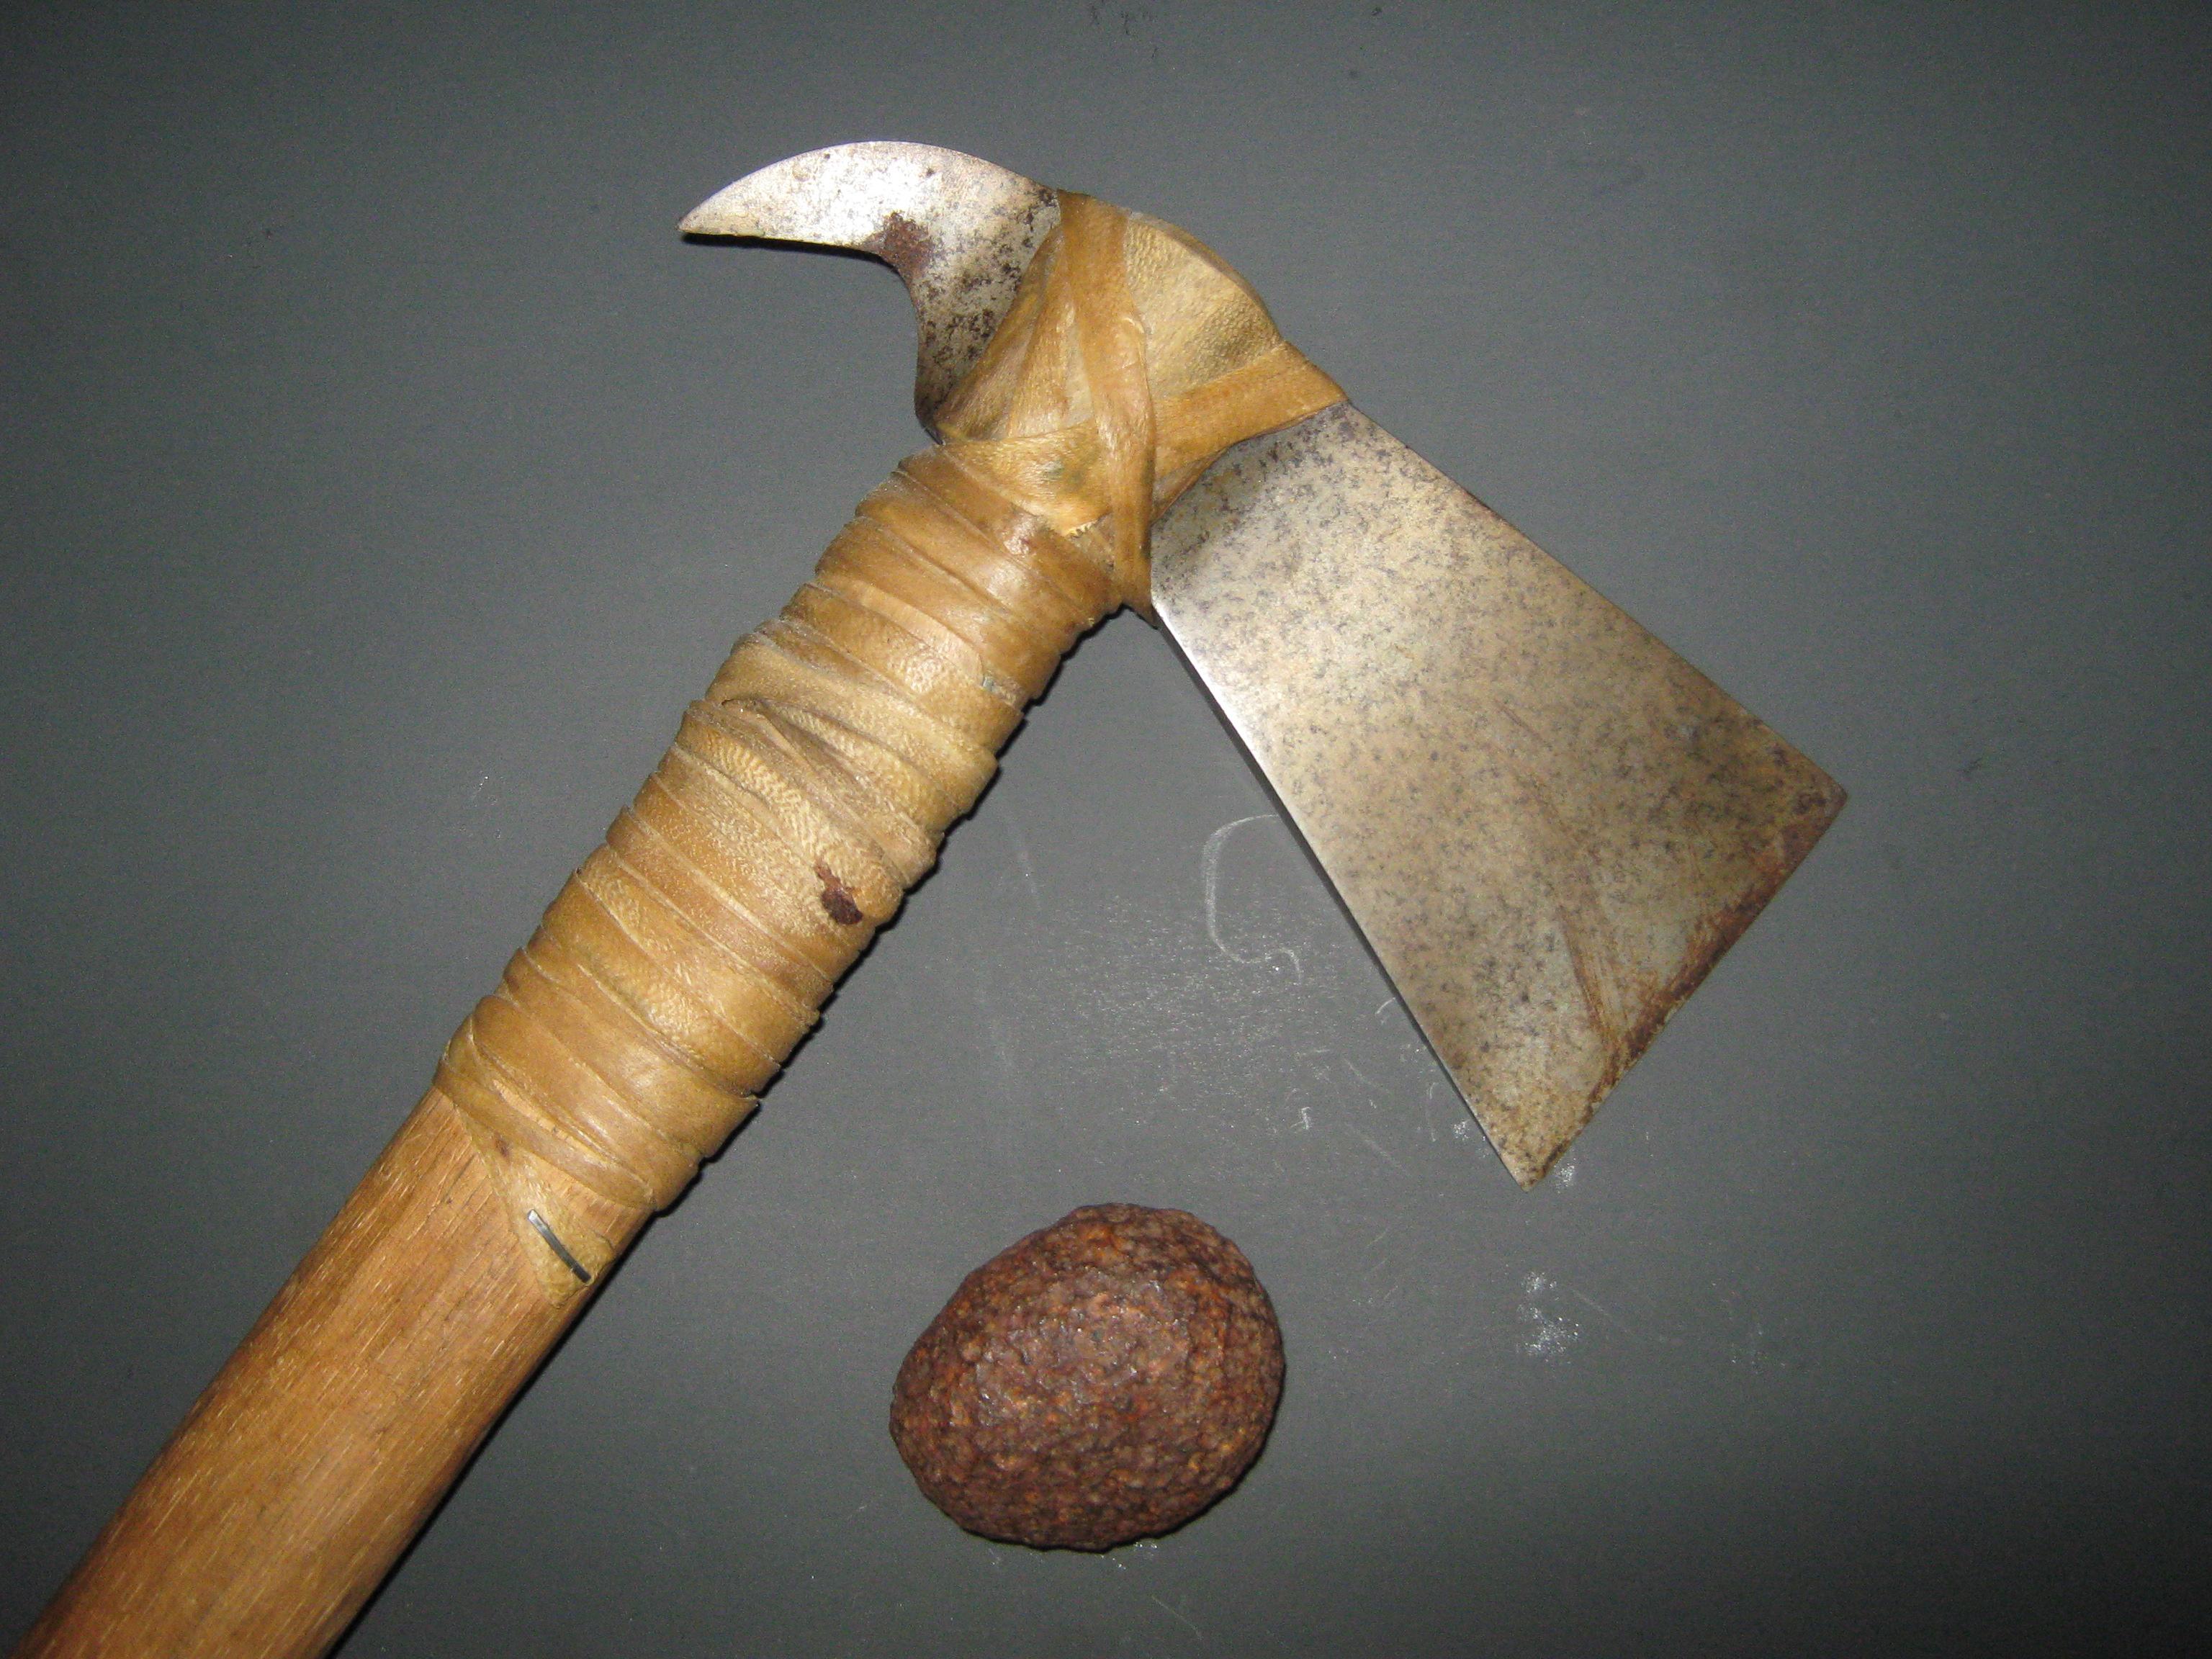 meteoriteandahatchetthatwasforgedfrommeteoriciron.